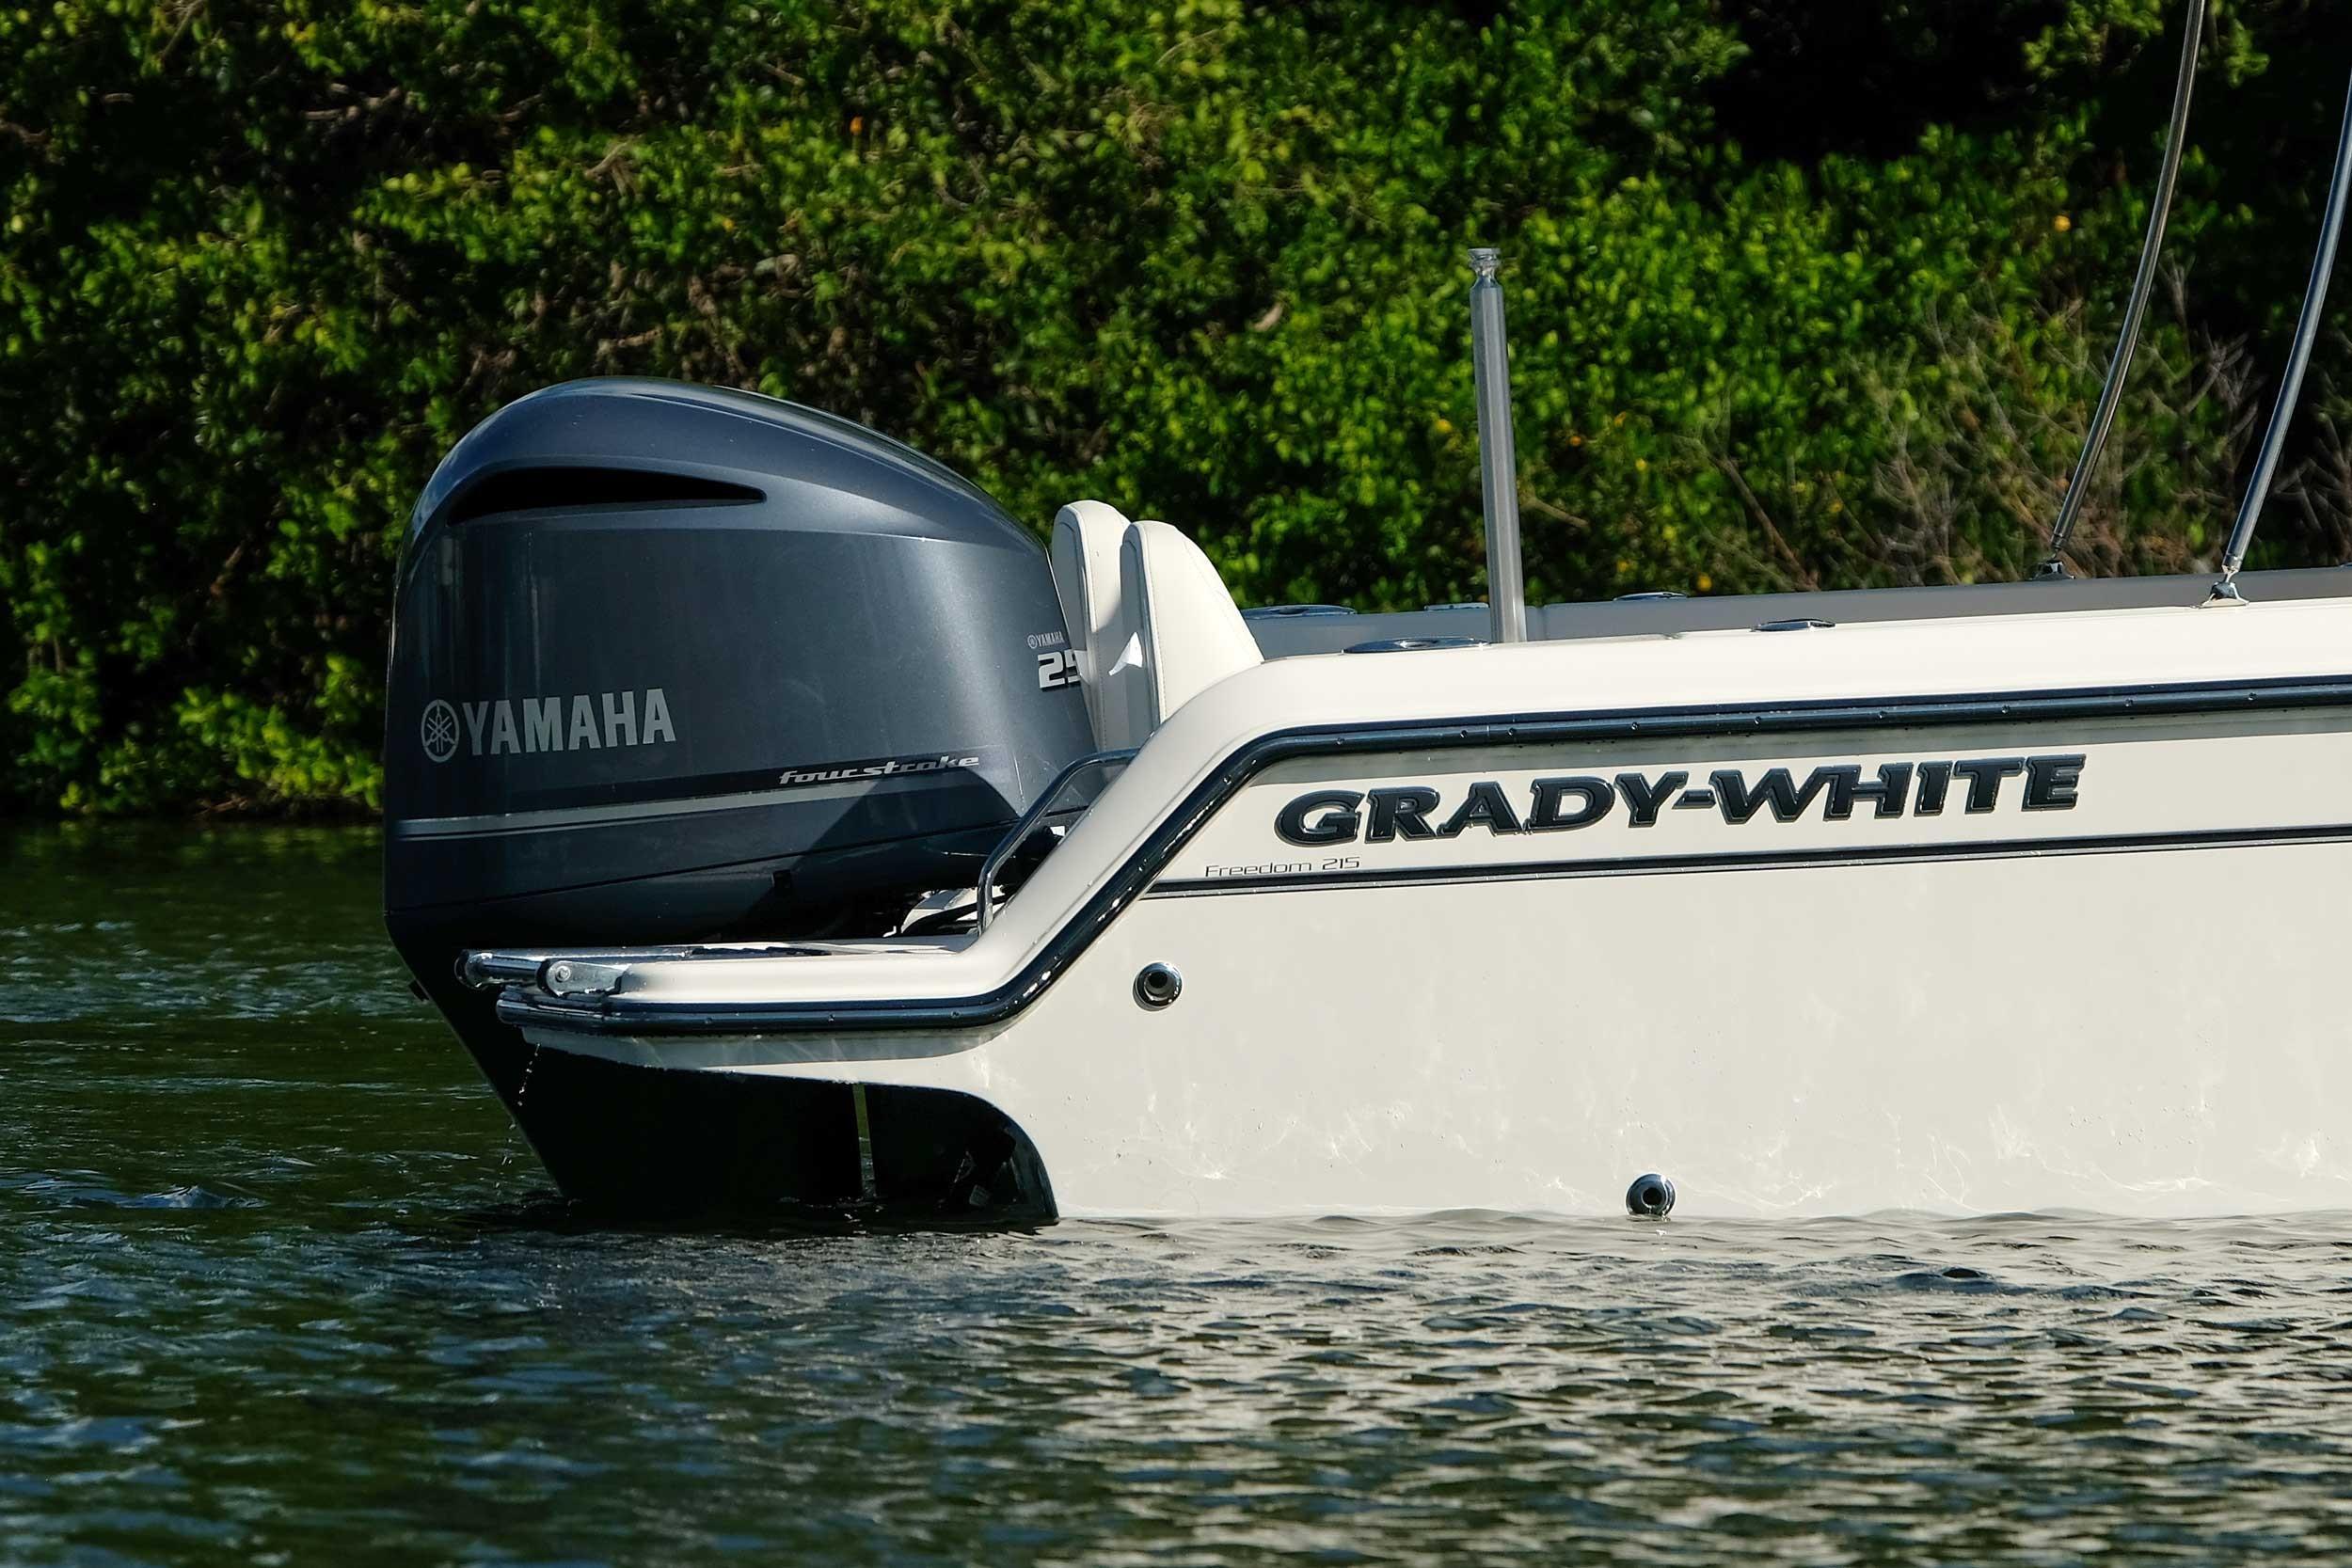 2020 Grady-White Freedom 215